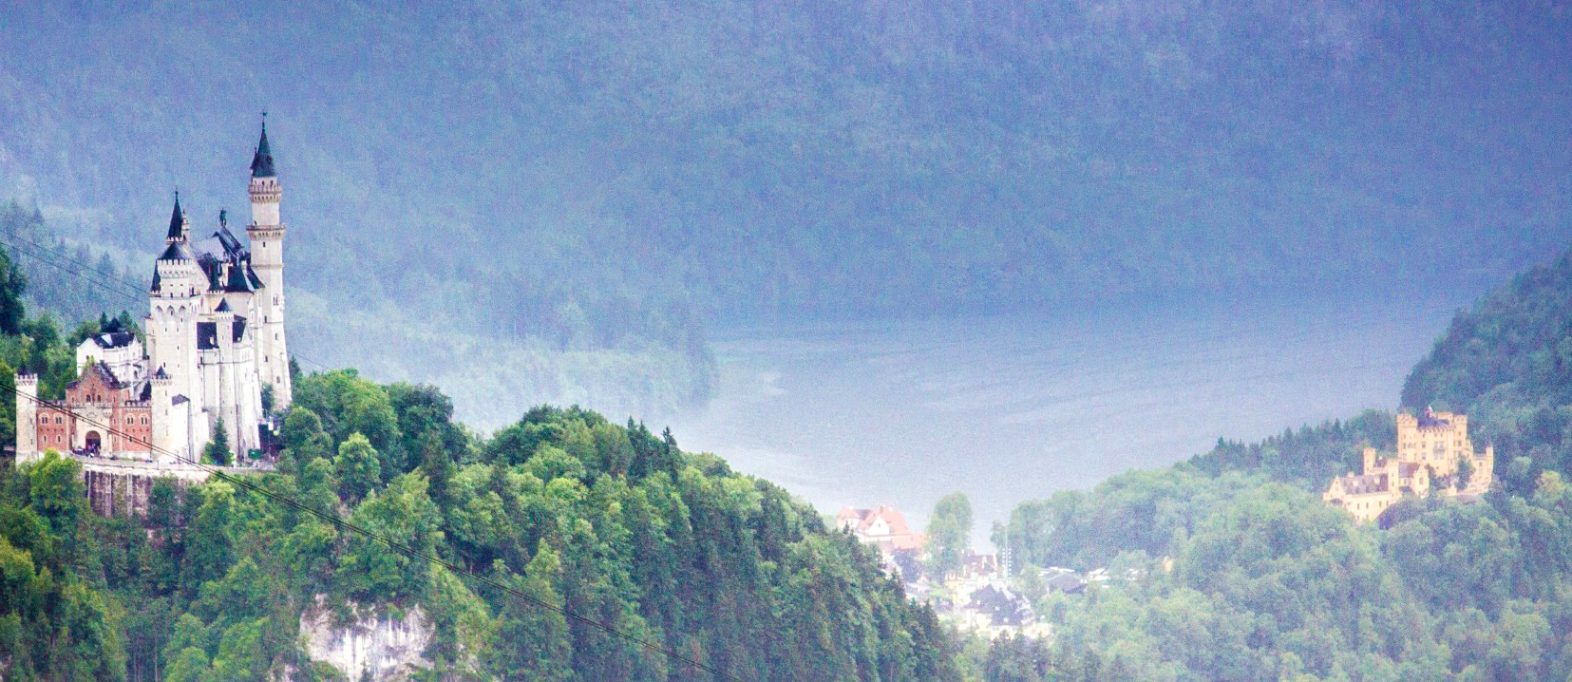 So geht's schneller: Schloss Neuschwanstein – Tickets, Anfahrt, Öffnungszeiten